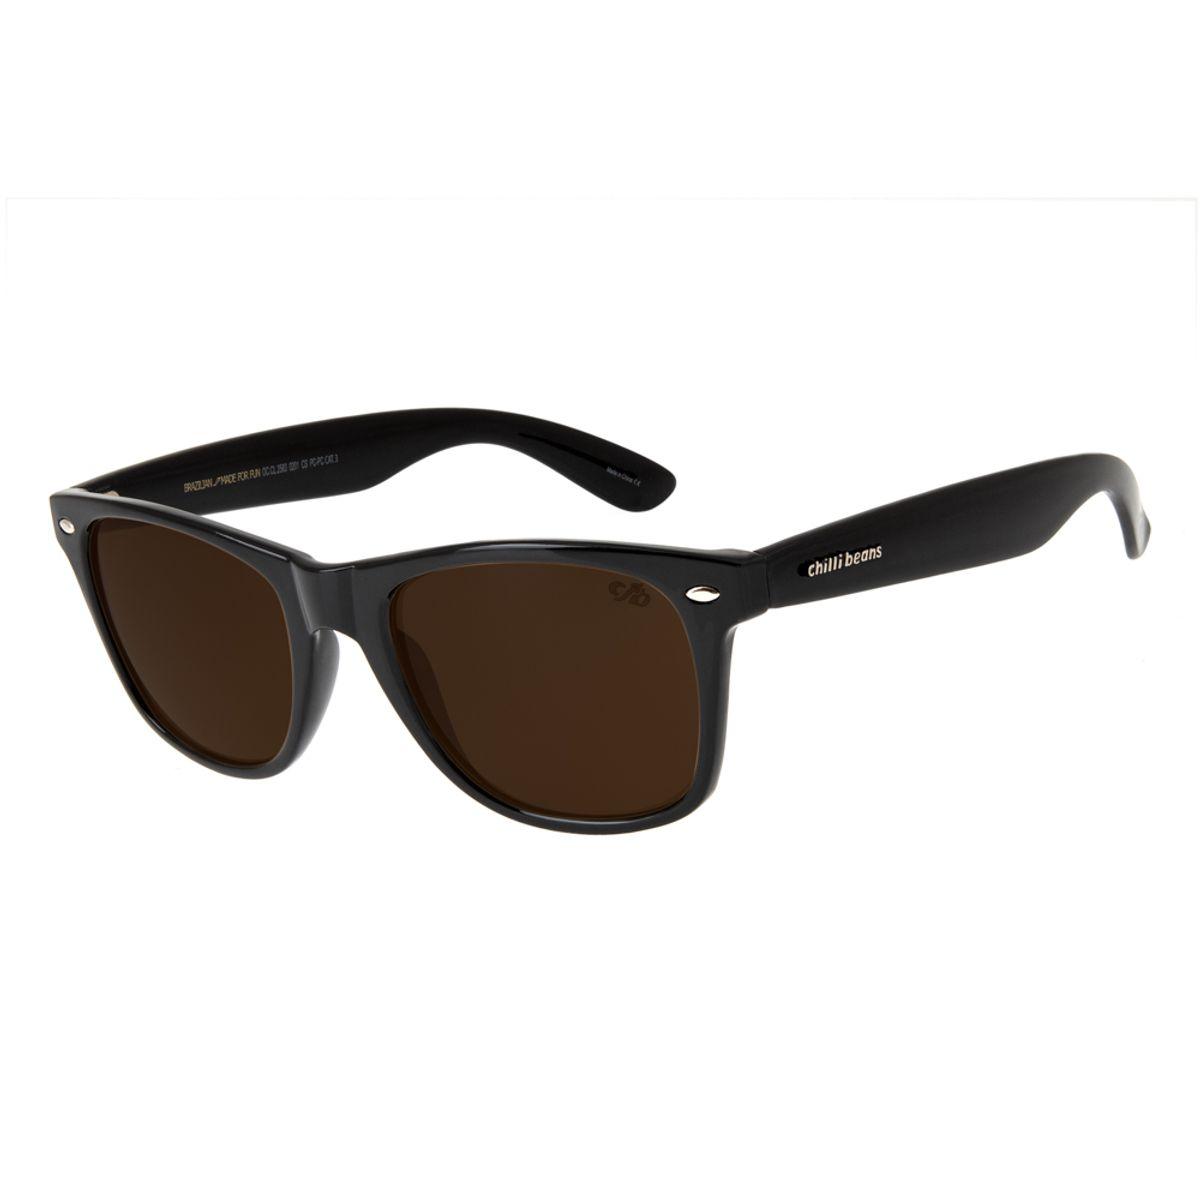 3725d3a0a Óculos de Sol Chilli Beans Unissex Bossa Nova Preto 2583 - Chilli Beans